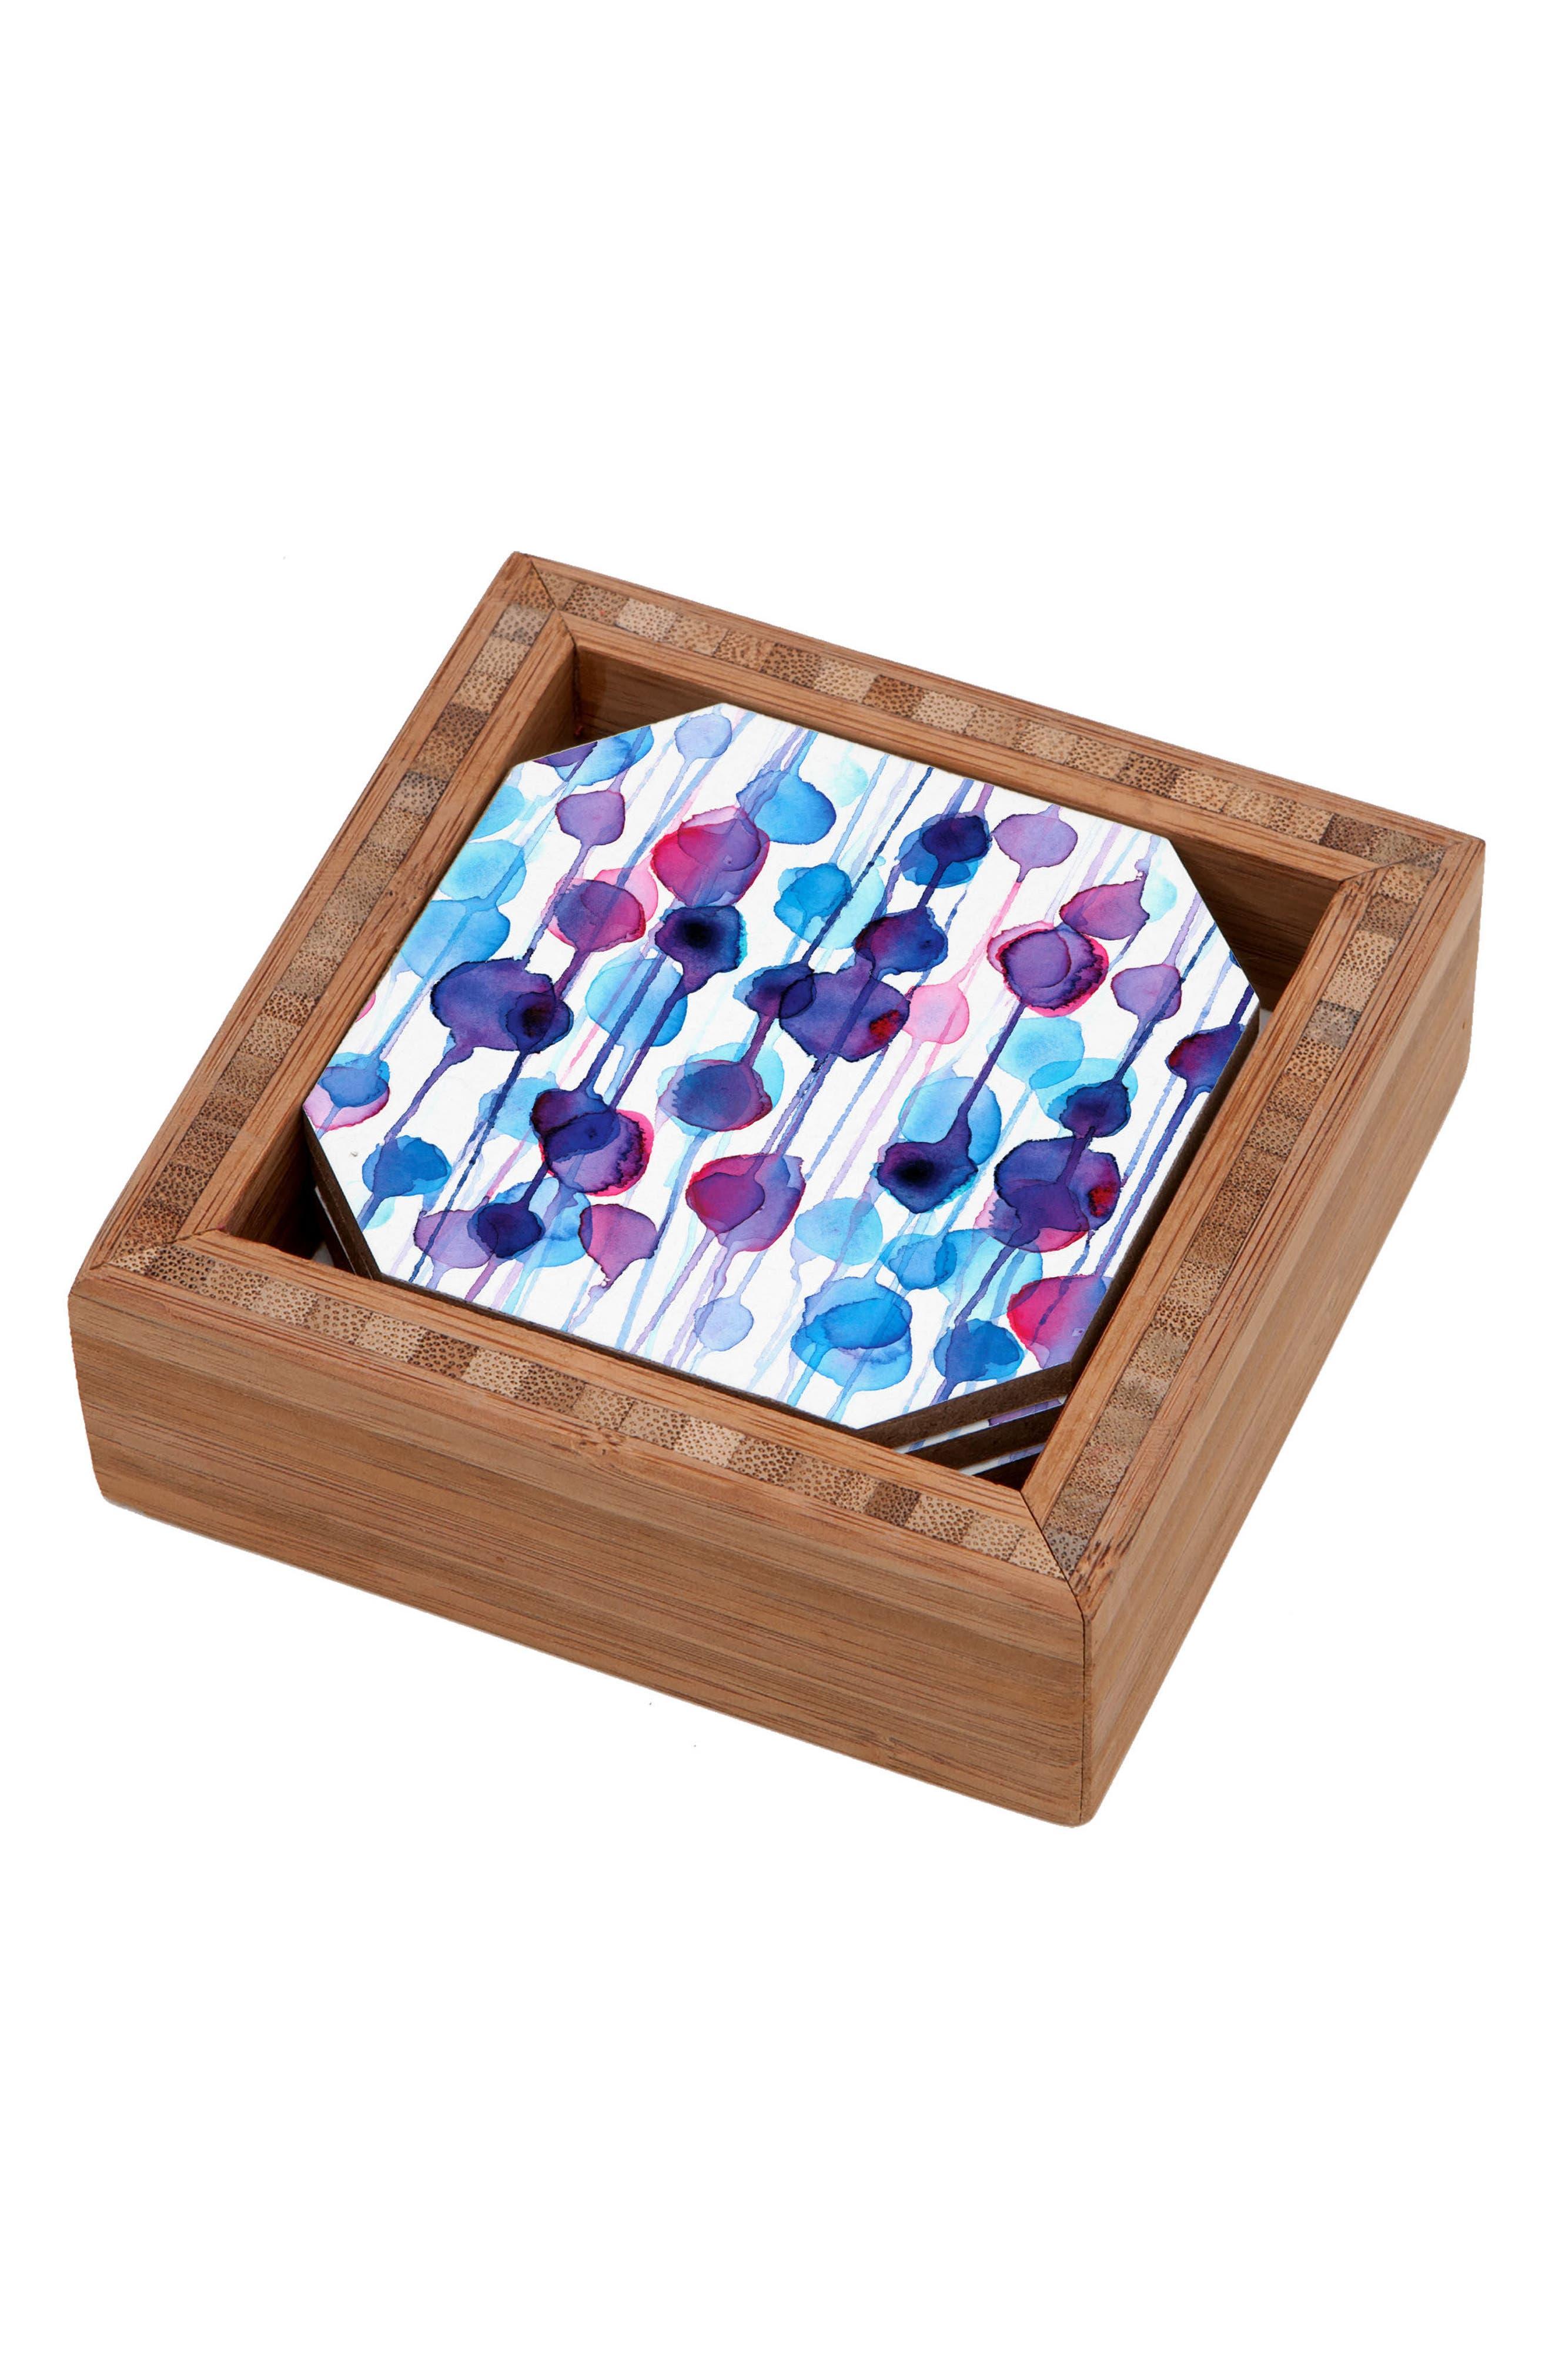 Abstract Set of 4 Coasters,                             Main thumbnail 1, color,                             400